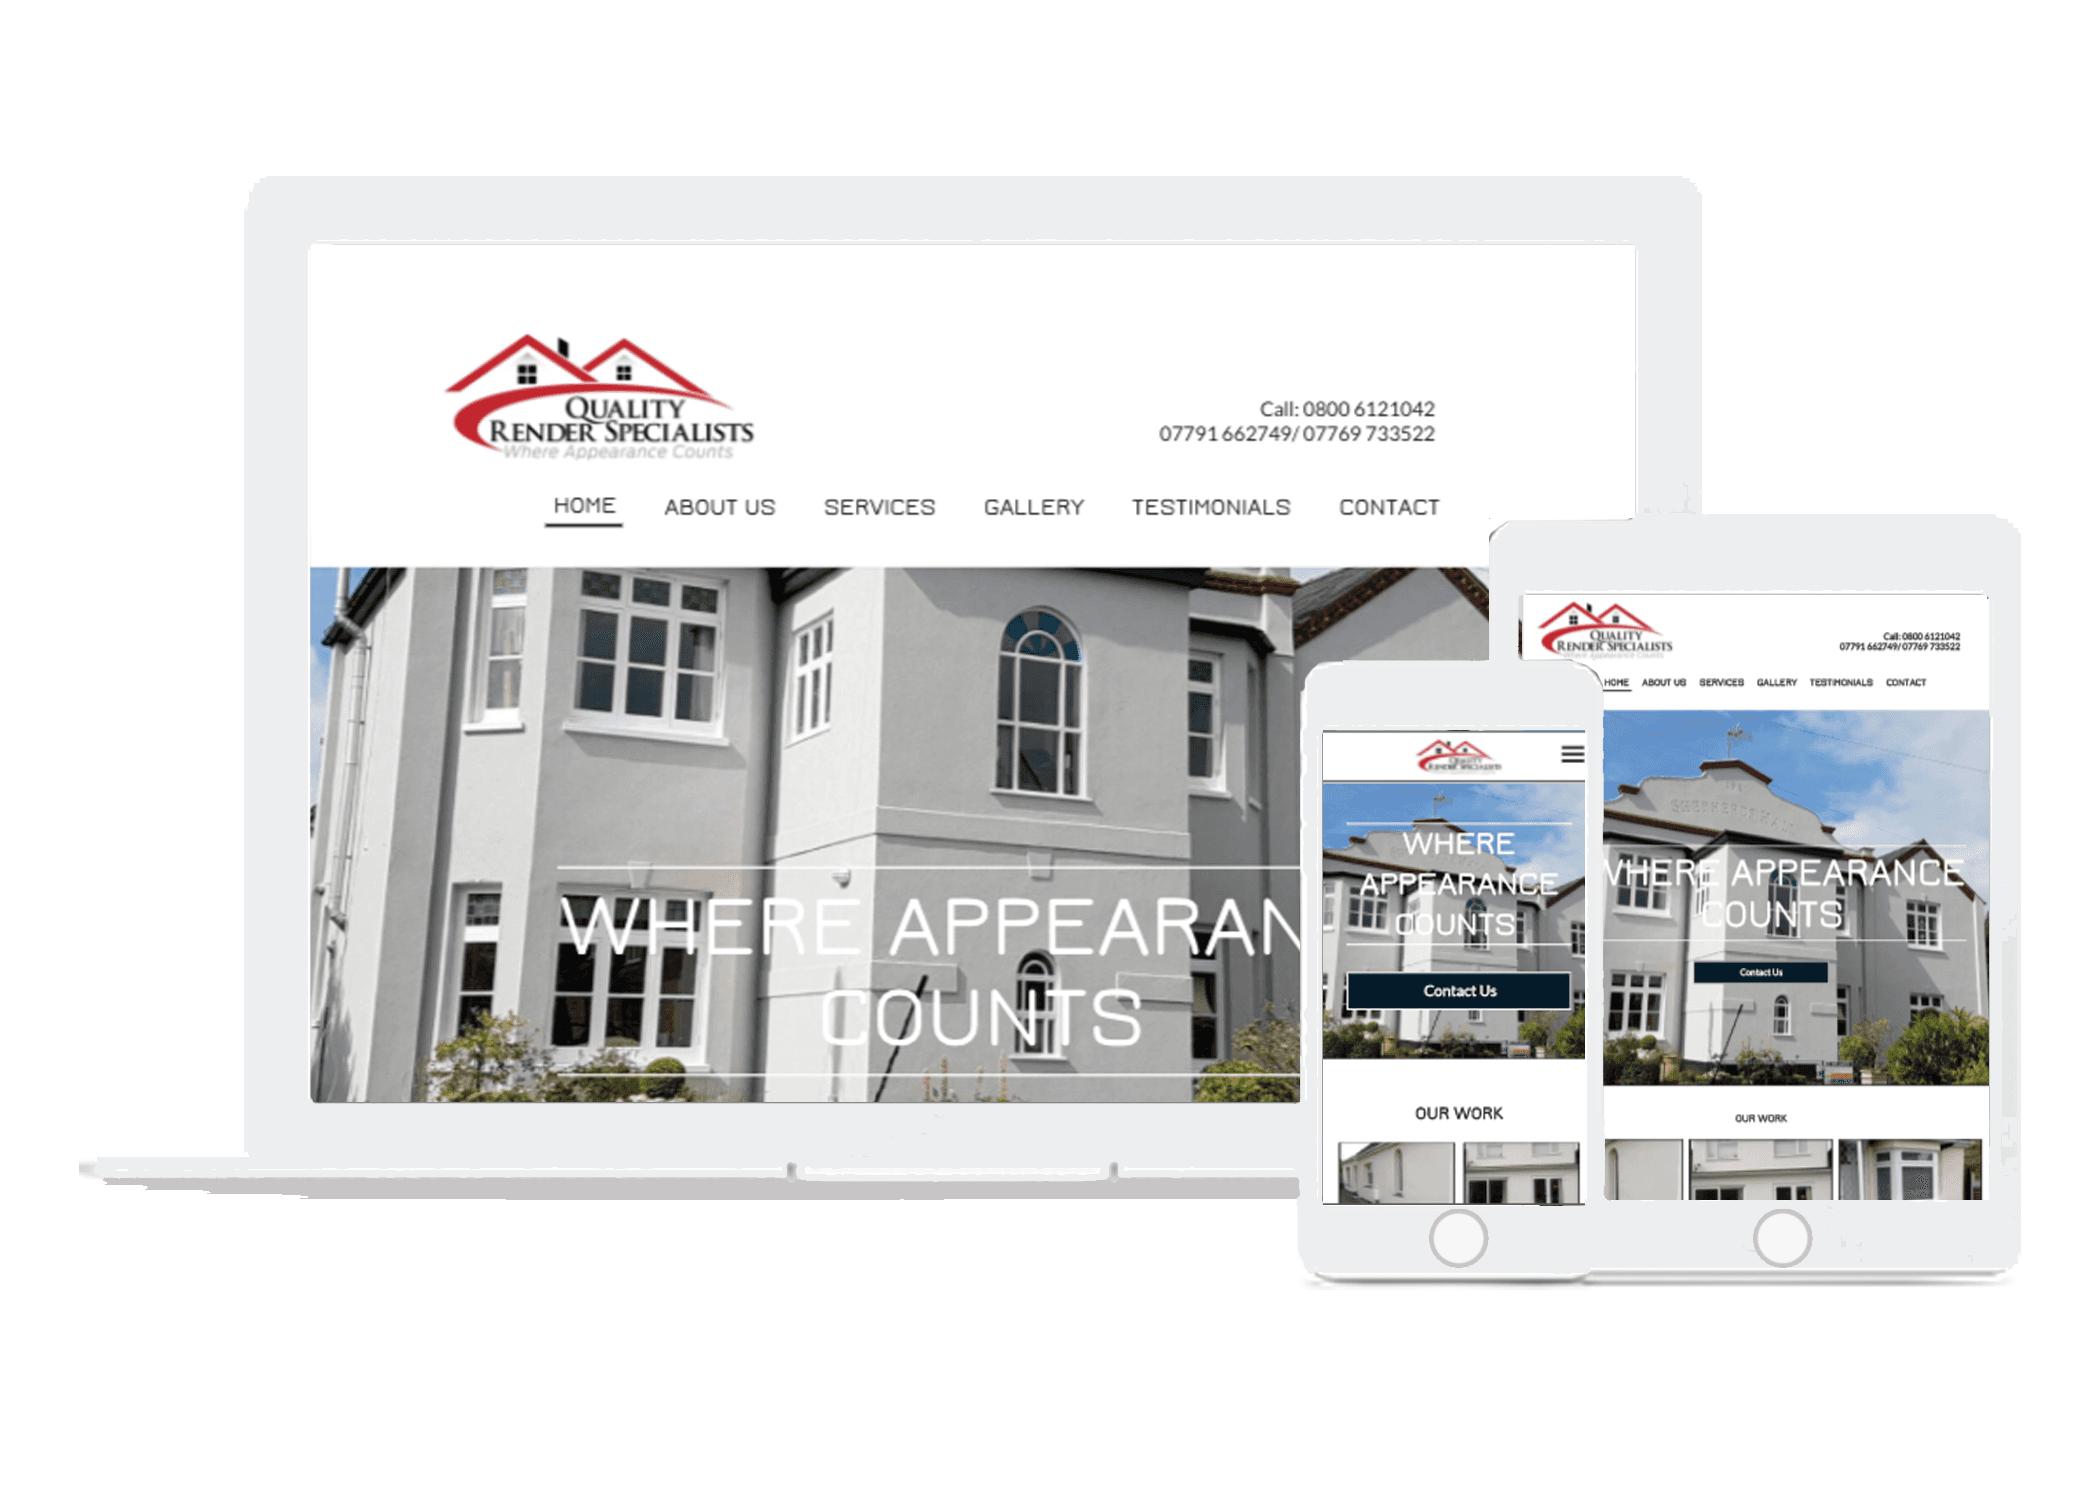 external wall rendering website designers